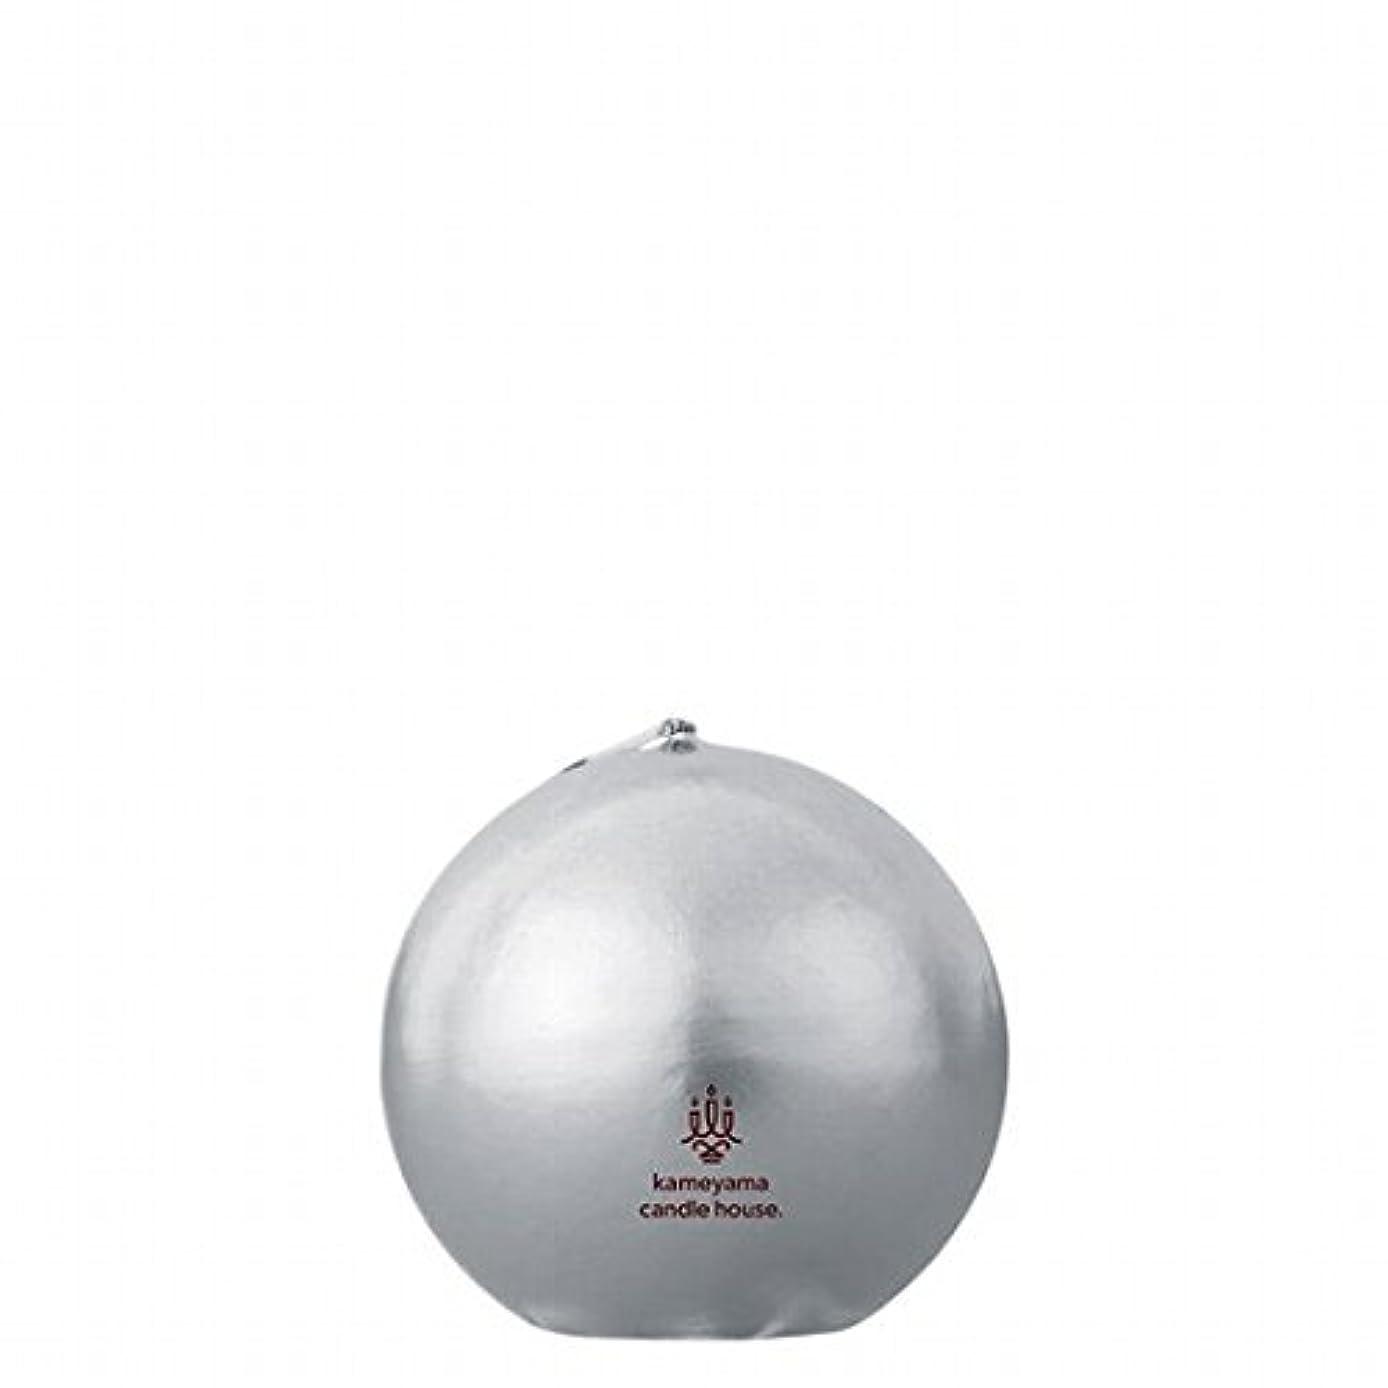 とげ日付付きパラメータカメヤマキャンドル(kameyama candle) メタリックボール60 「 シルバー 」